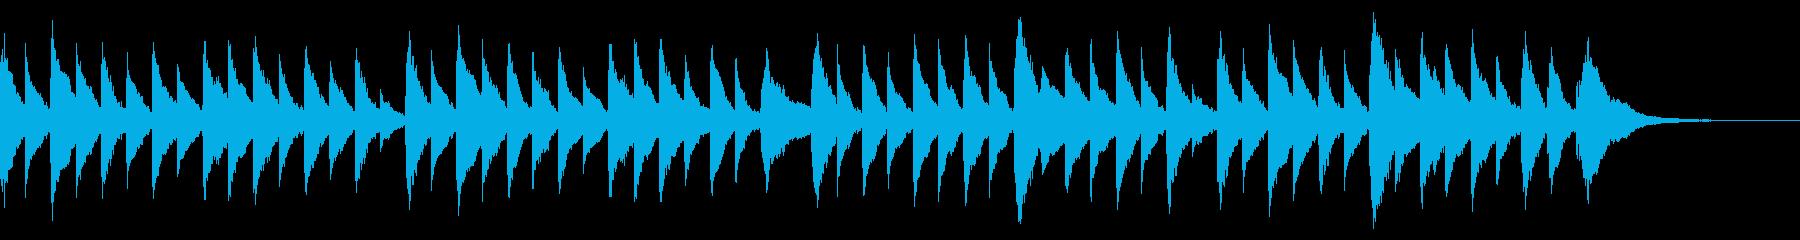 童謡オルゴール 春の小川 の再生済みの波形